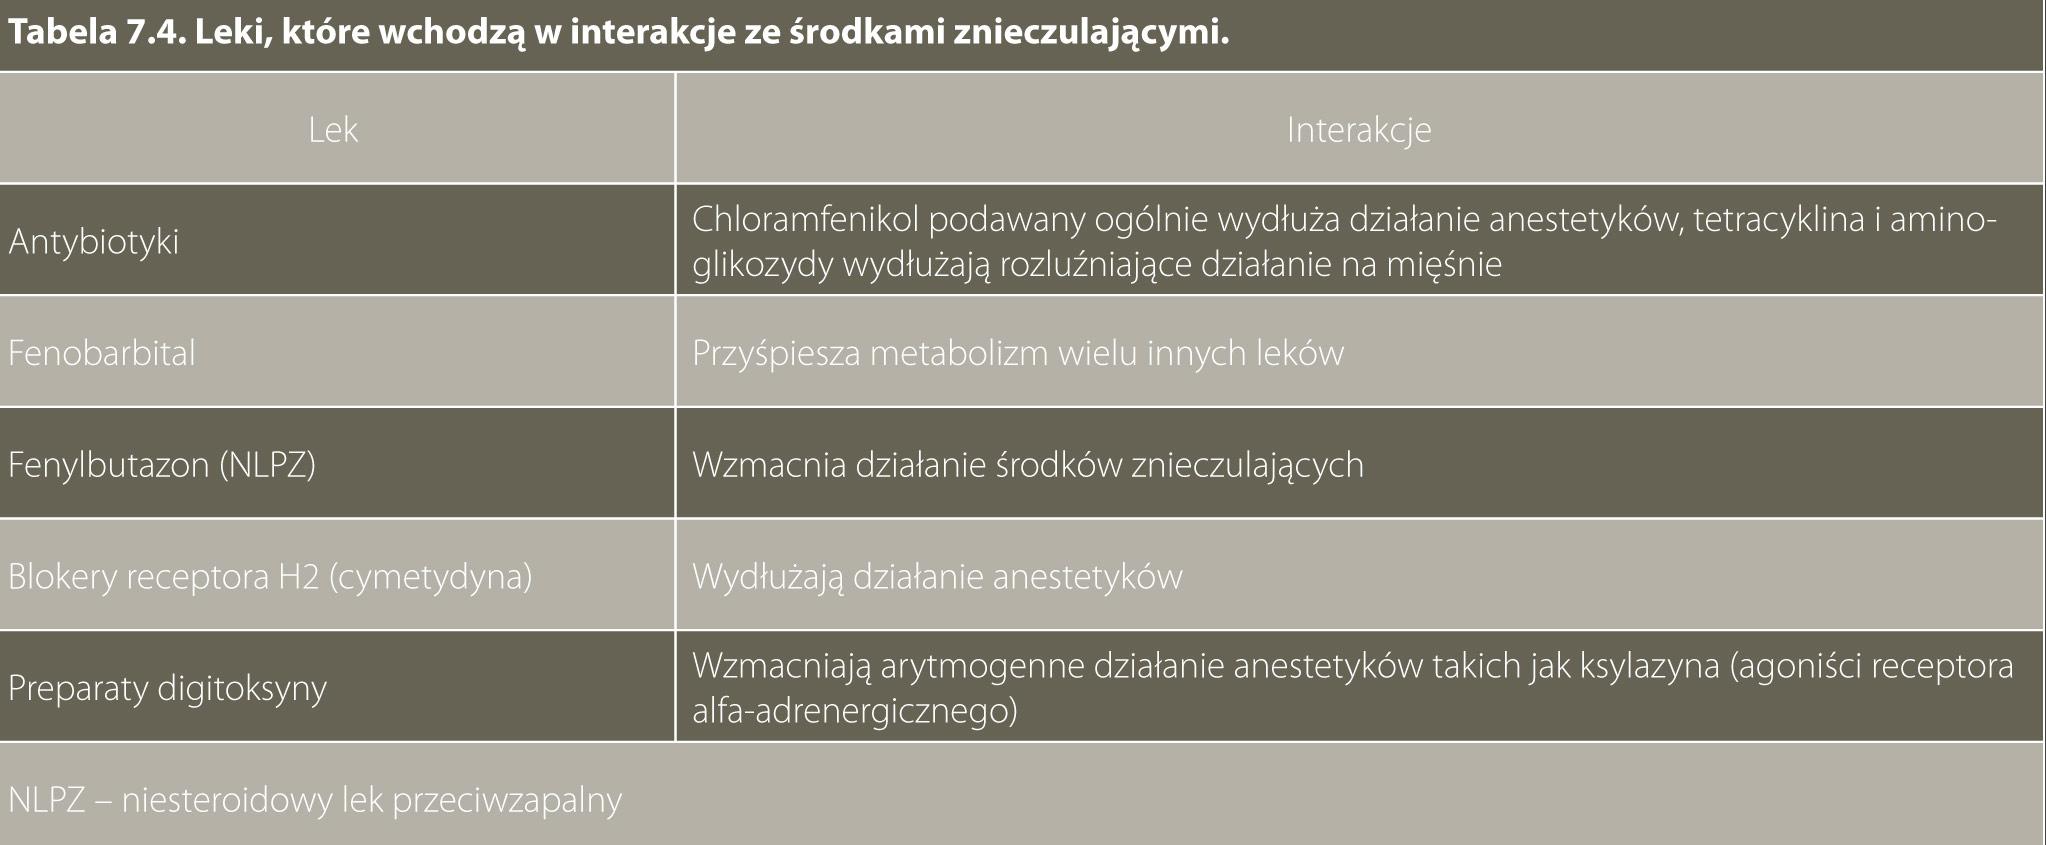 tabela7.4